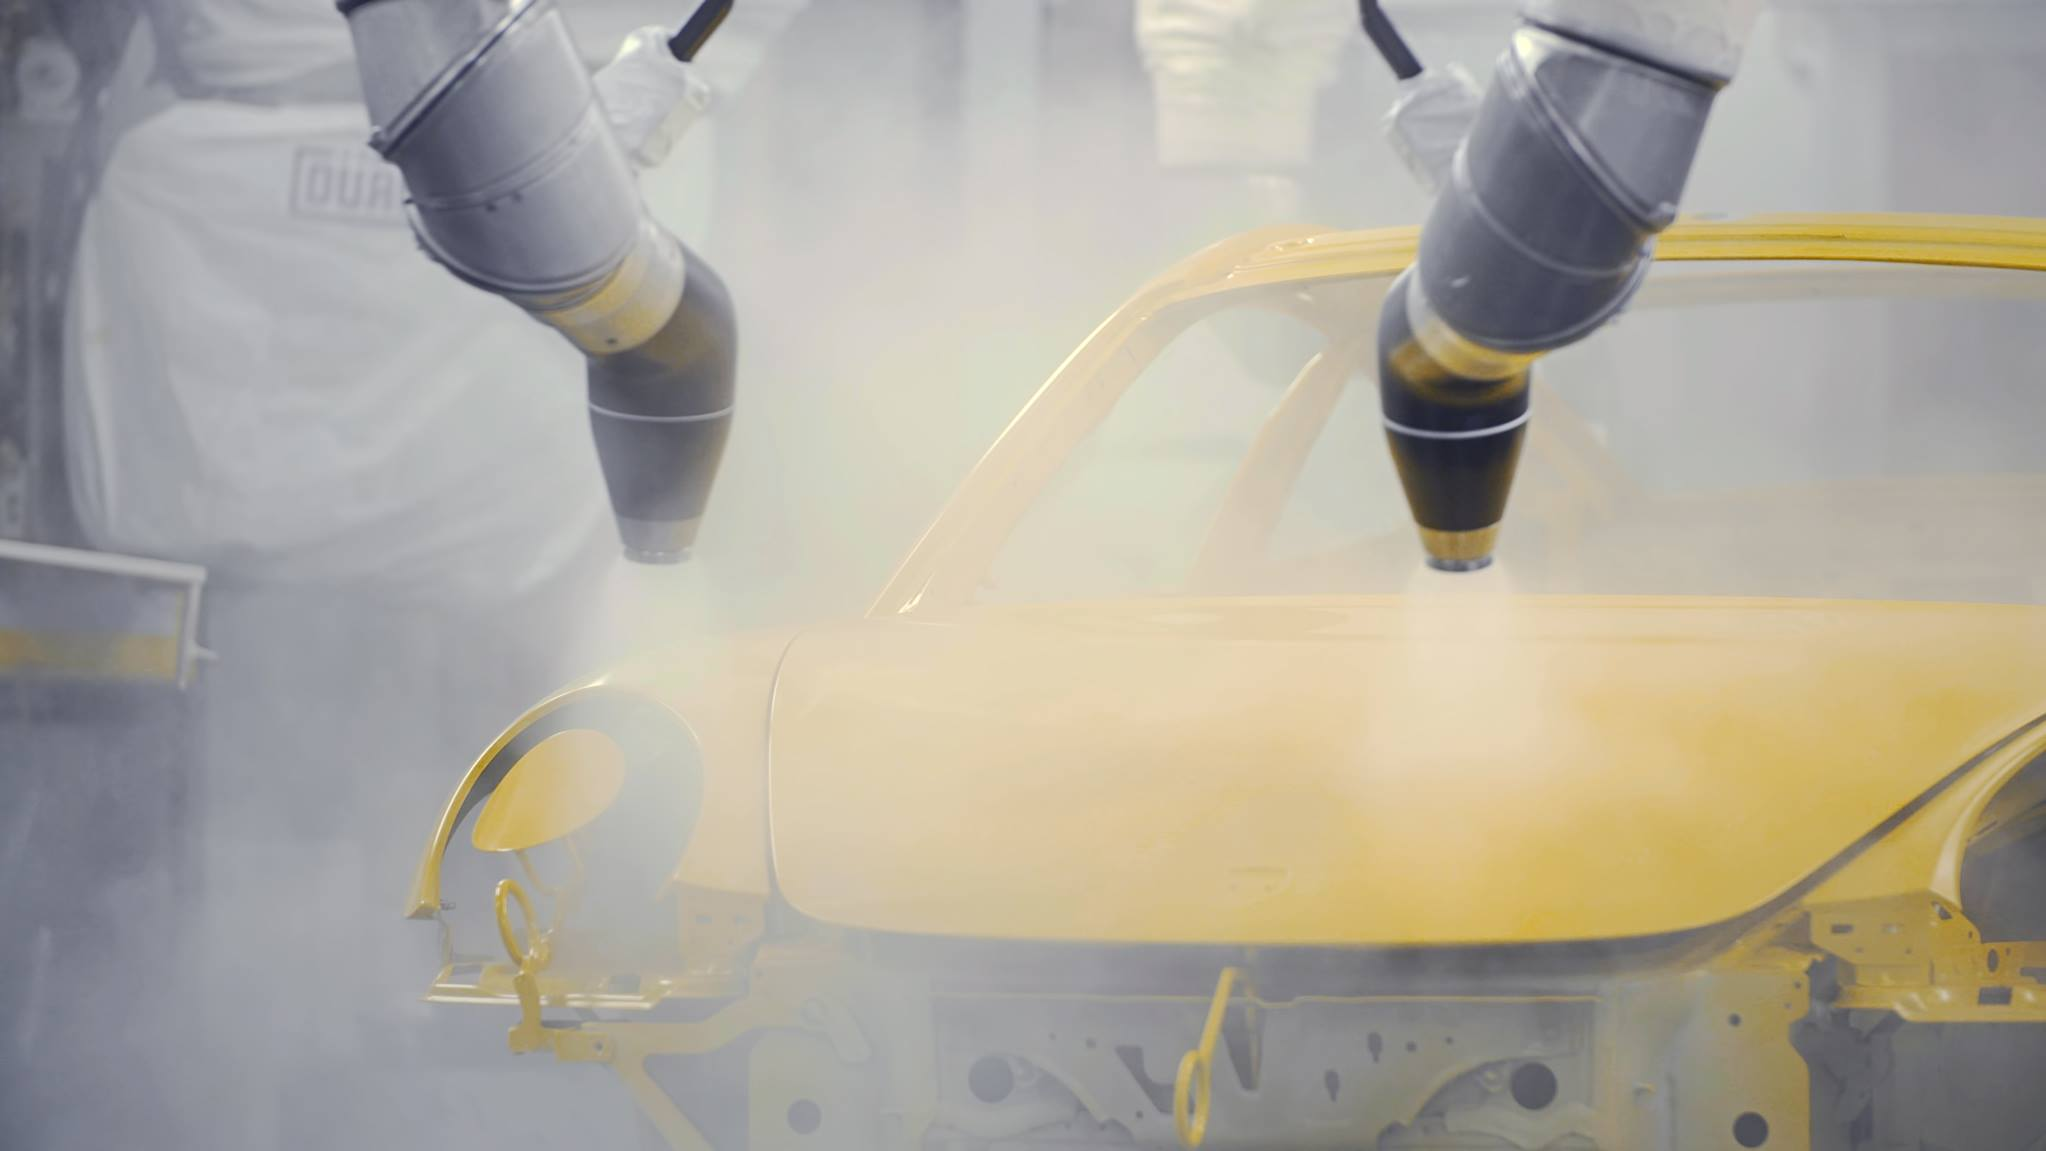 Porsche 911 Turbo Saffron Yellow Metallic (3)